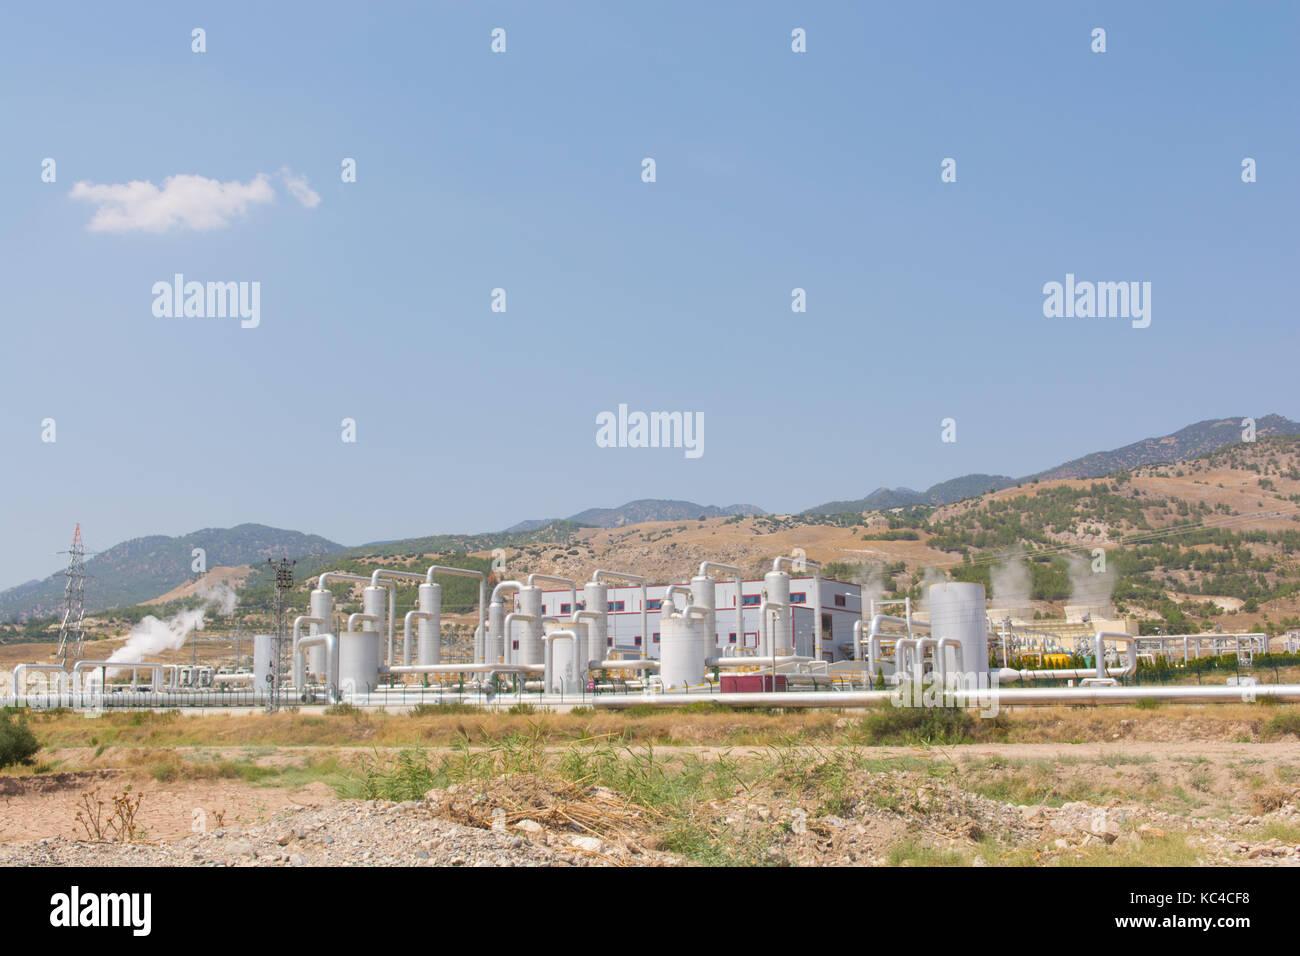 L'eau chaude de l'underground est convertie en énergie électrique par l'intermédiaire Photo Stock